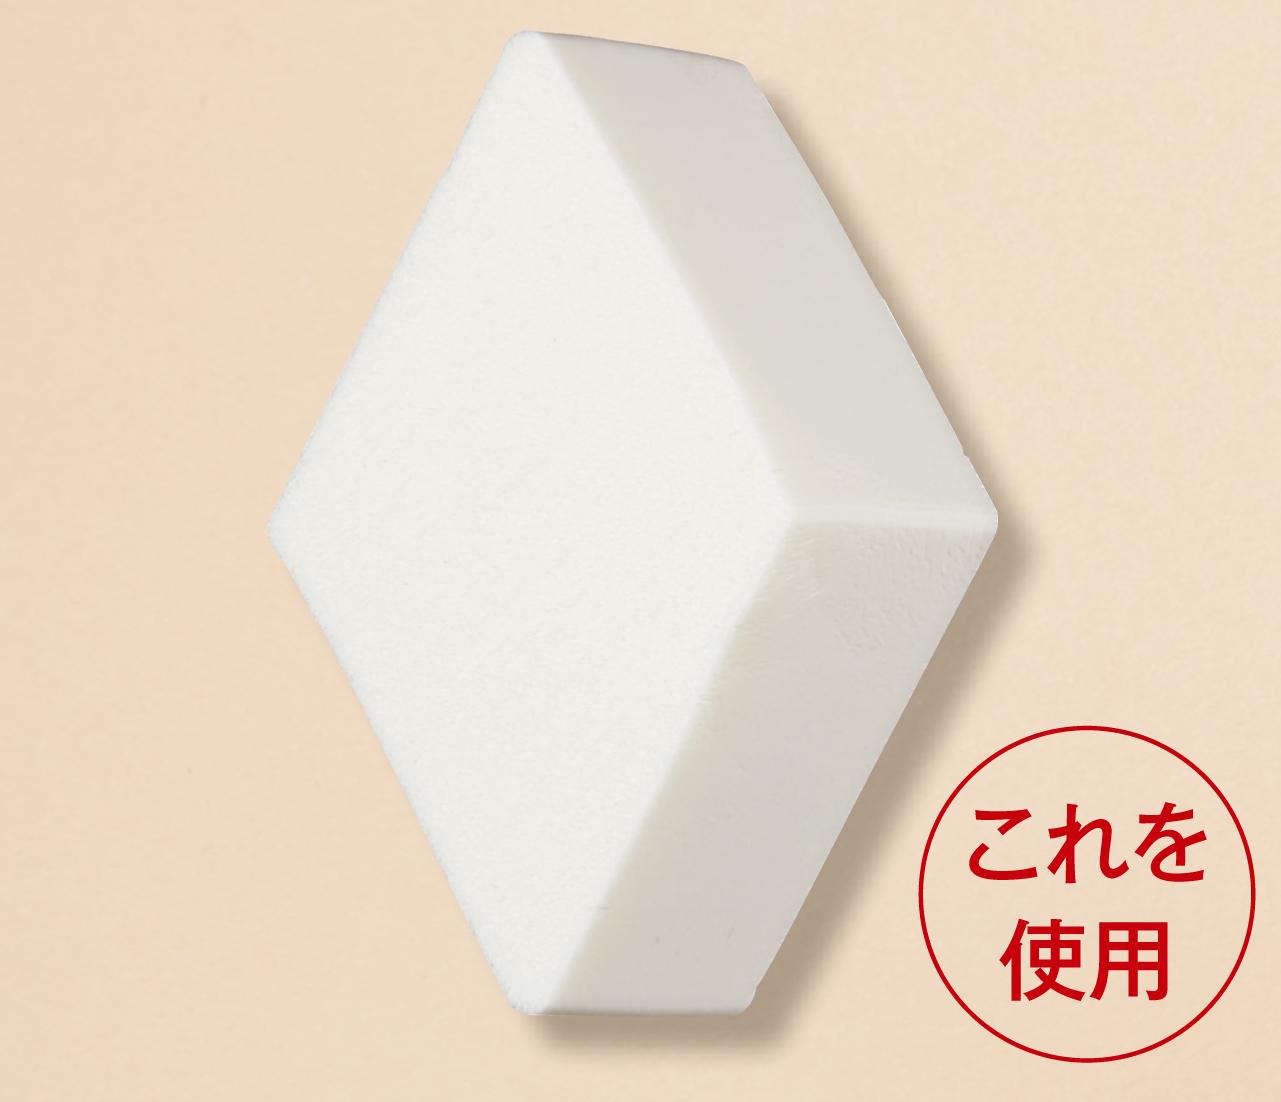 スーパー プロフェッショナル メークアップ スポンジ 4個入り ¥1,320/エスティ ローダー